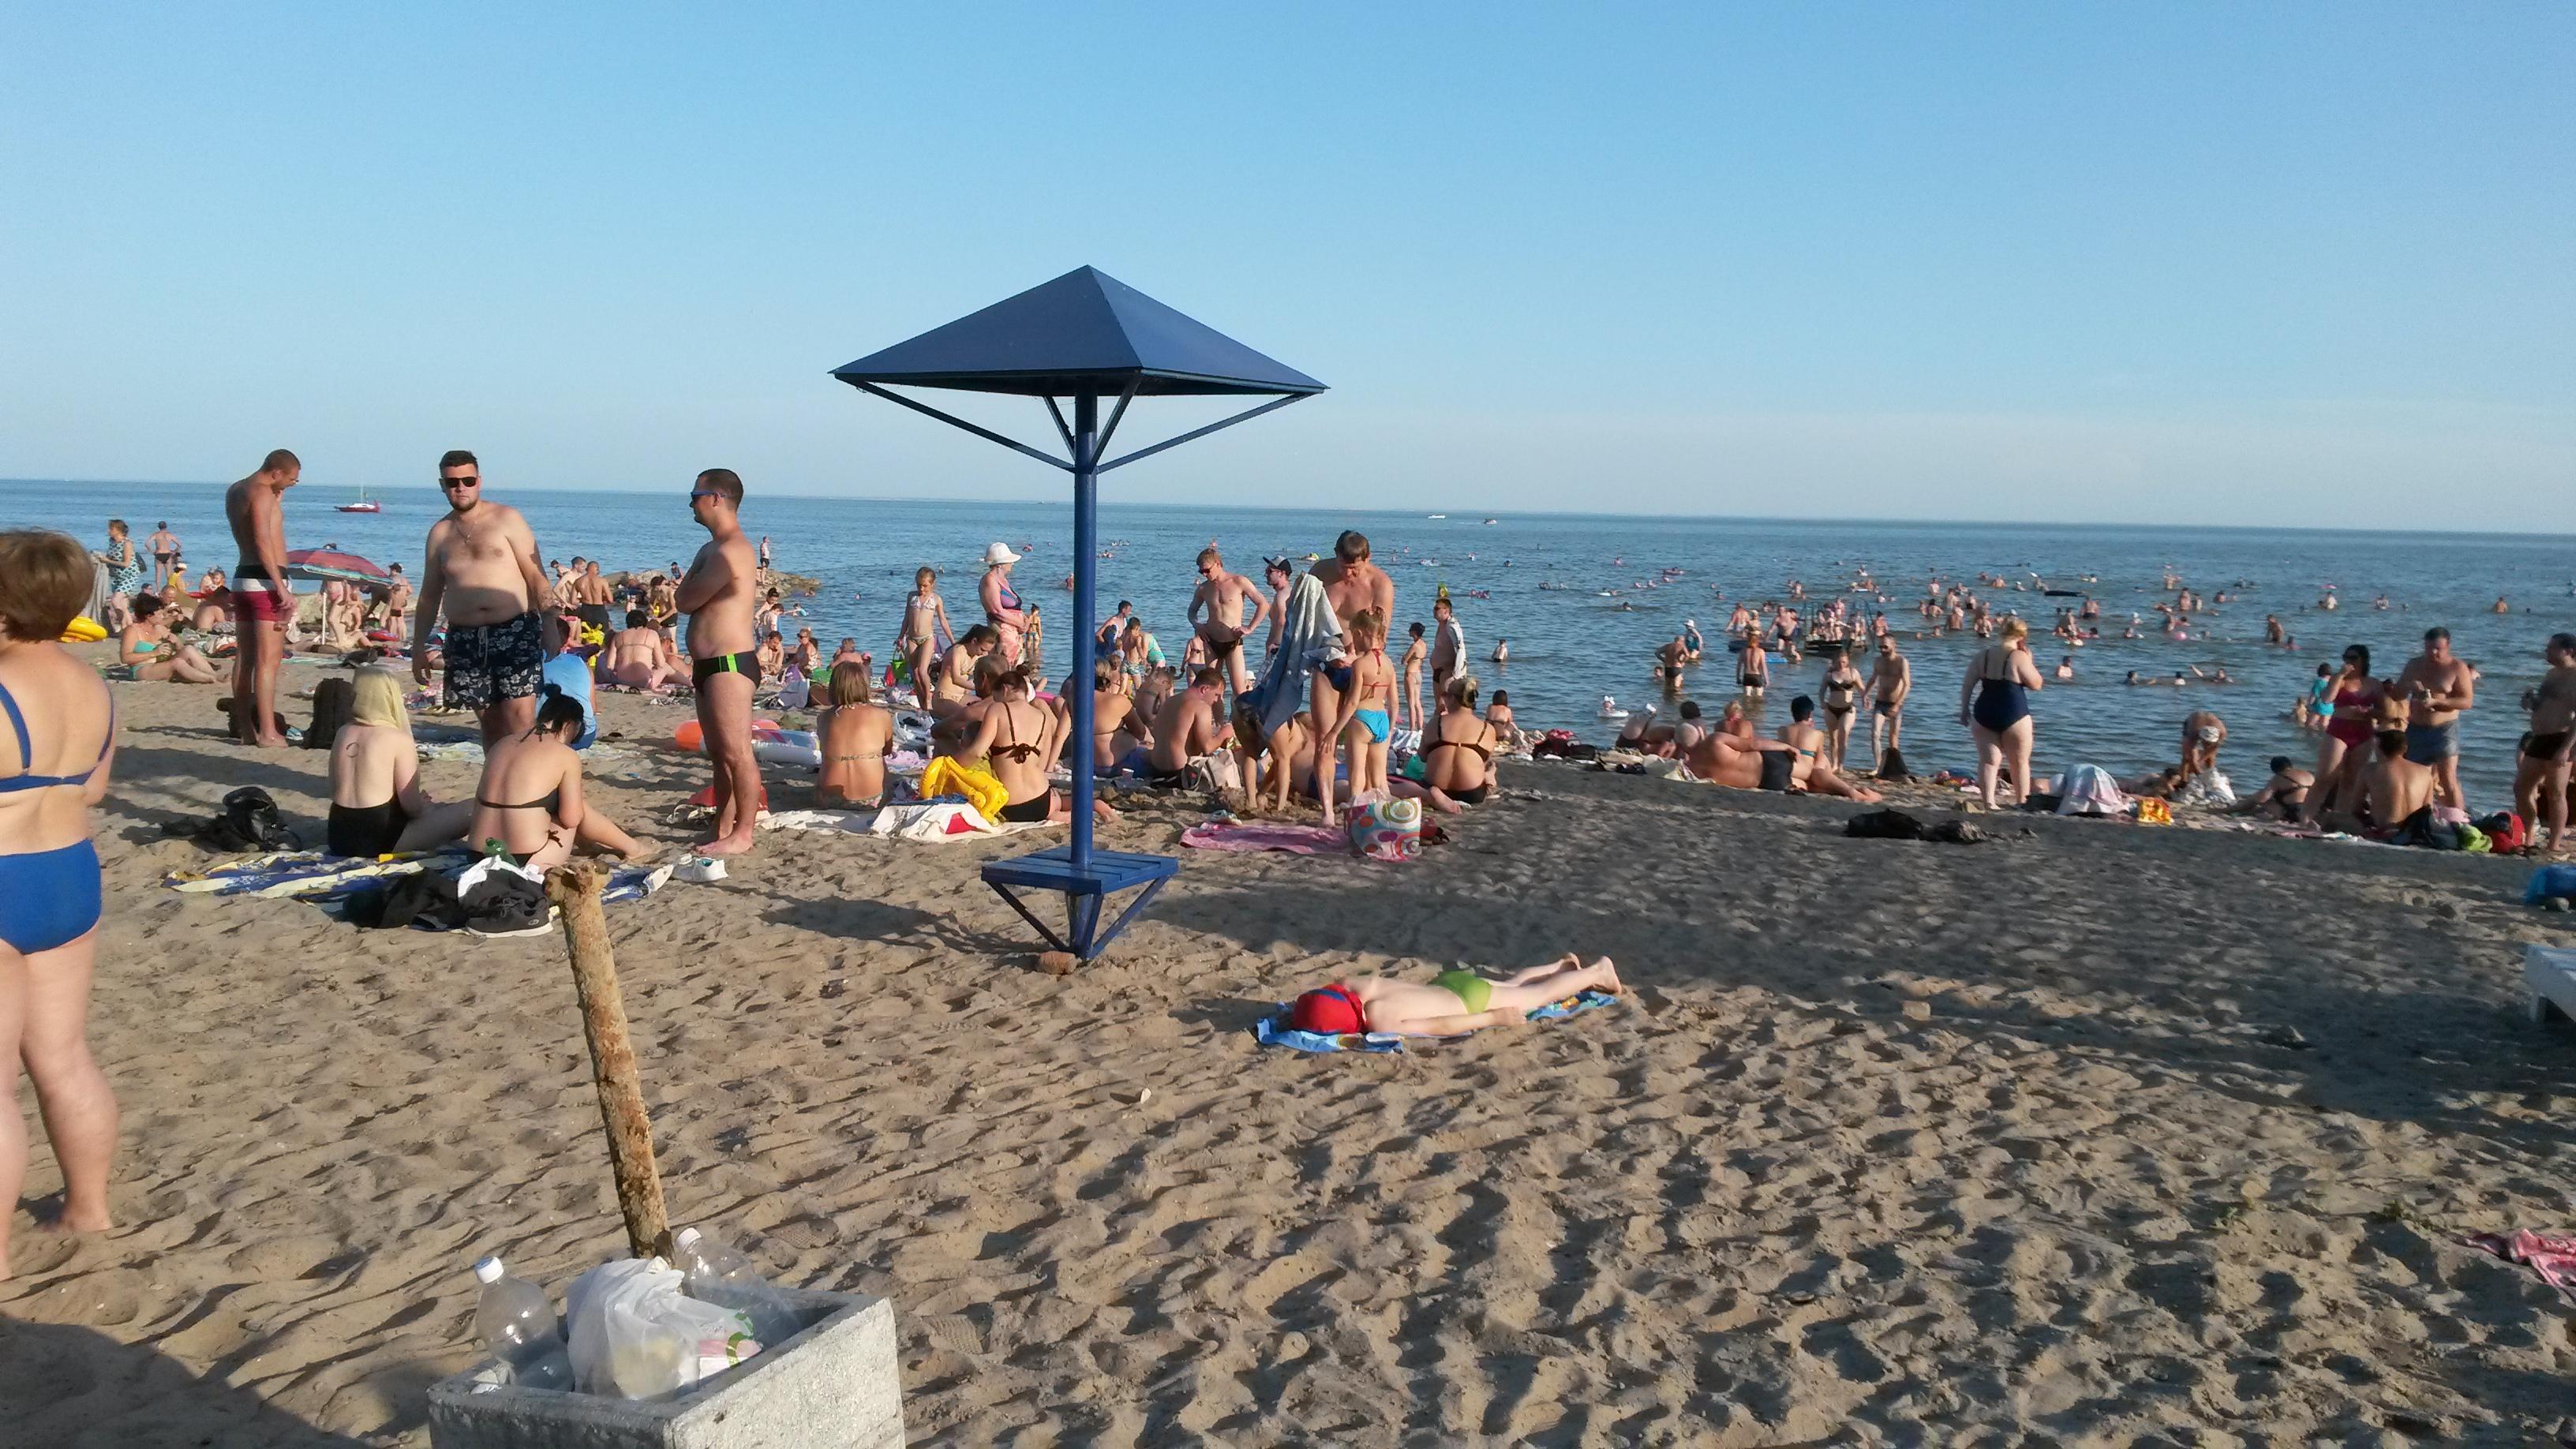 Лето, Солнце, пляж которые, нужно, просто, пляже, можно, никто, привыкли, невозможно, пляжи, сказать, лежаки, кажется, ктото, возможно, полметра, предугадать, решительно, кабинке, присутствие, какойто